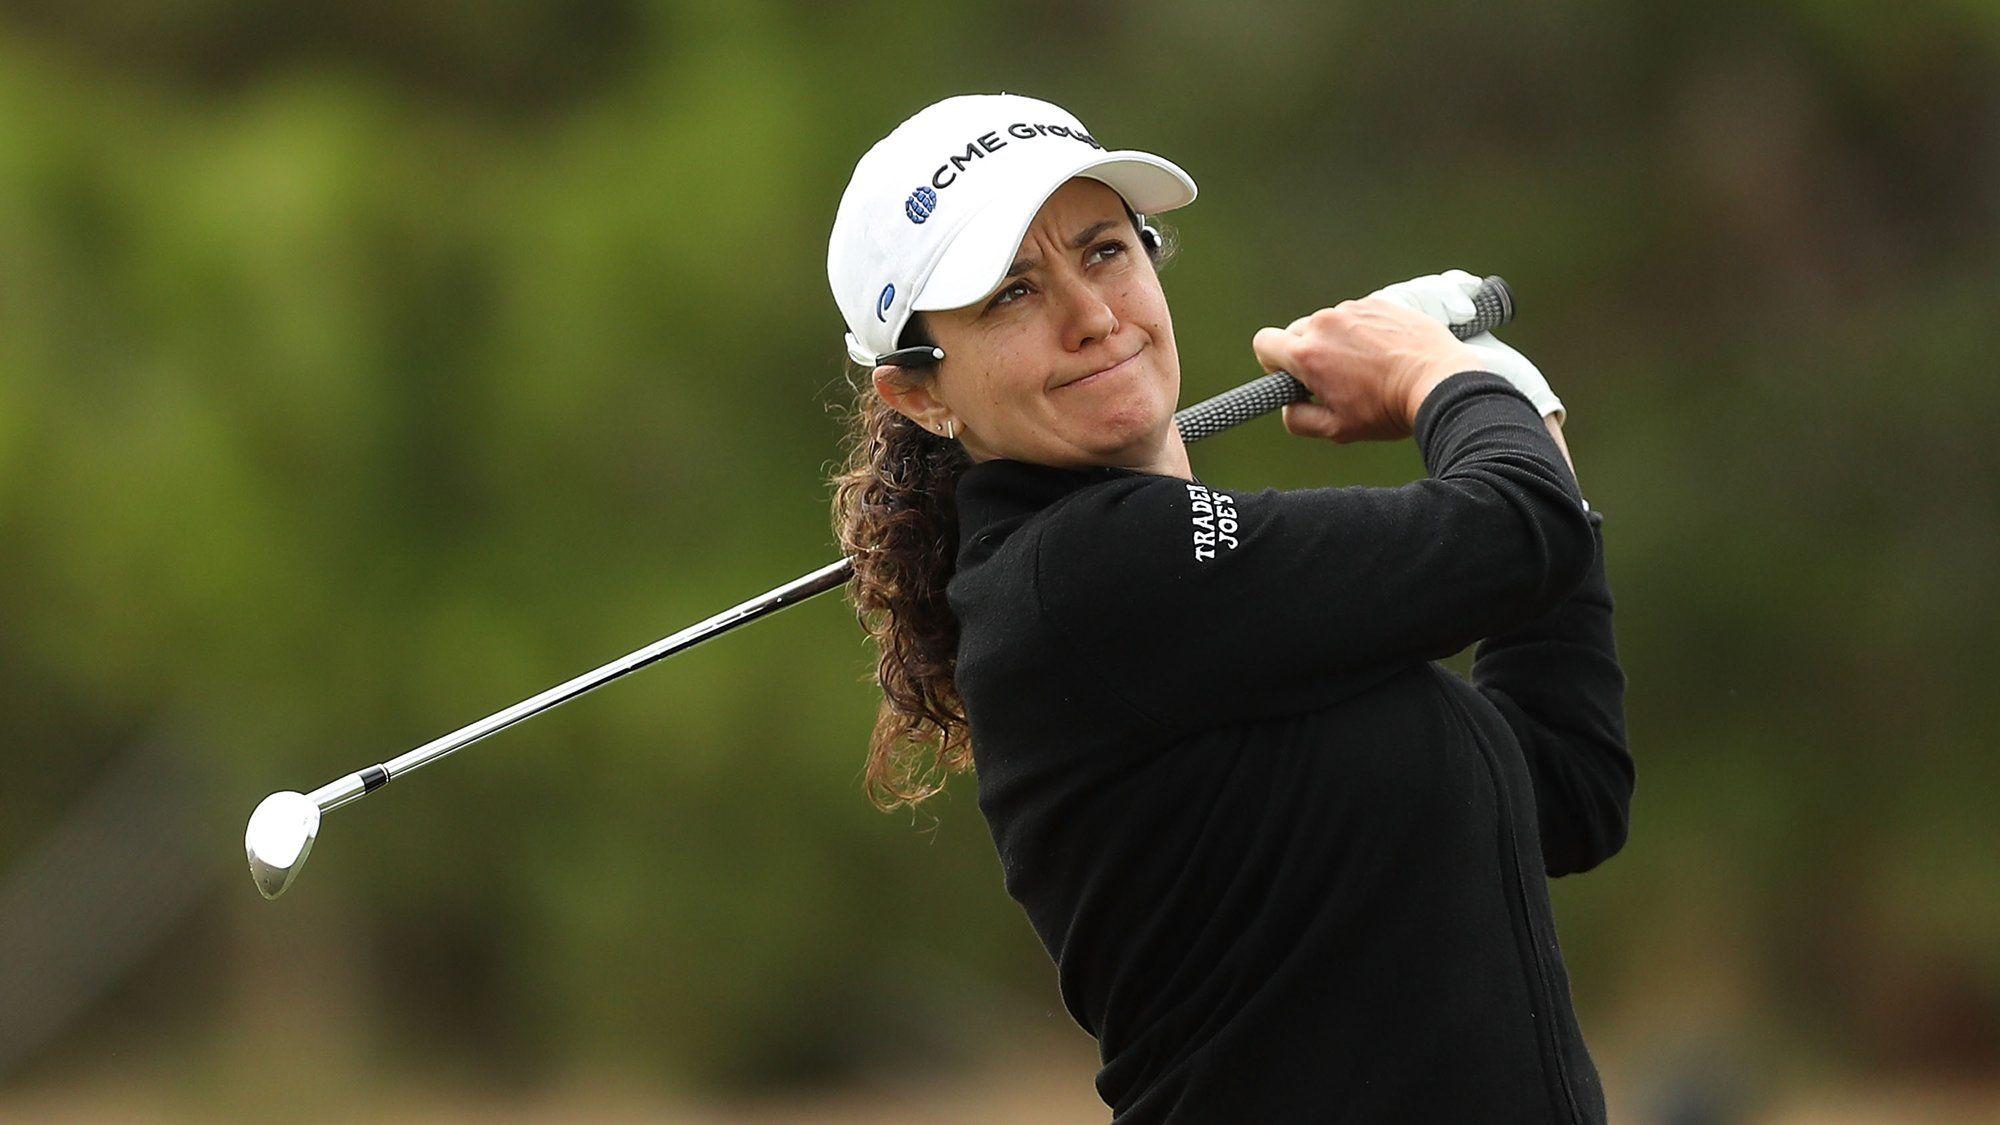 Berlin reccomend Australian amateur golf association